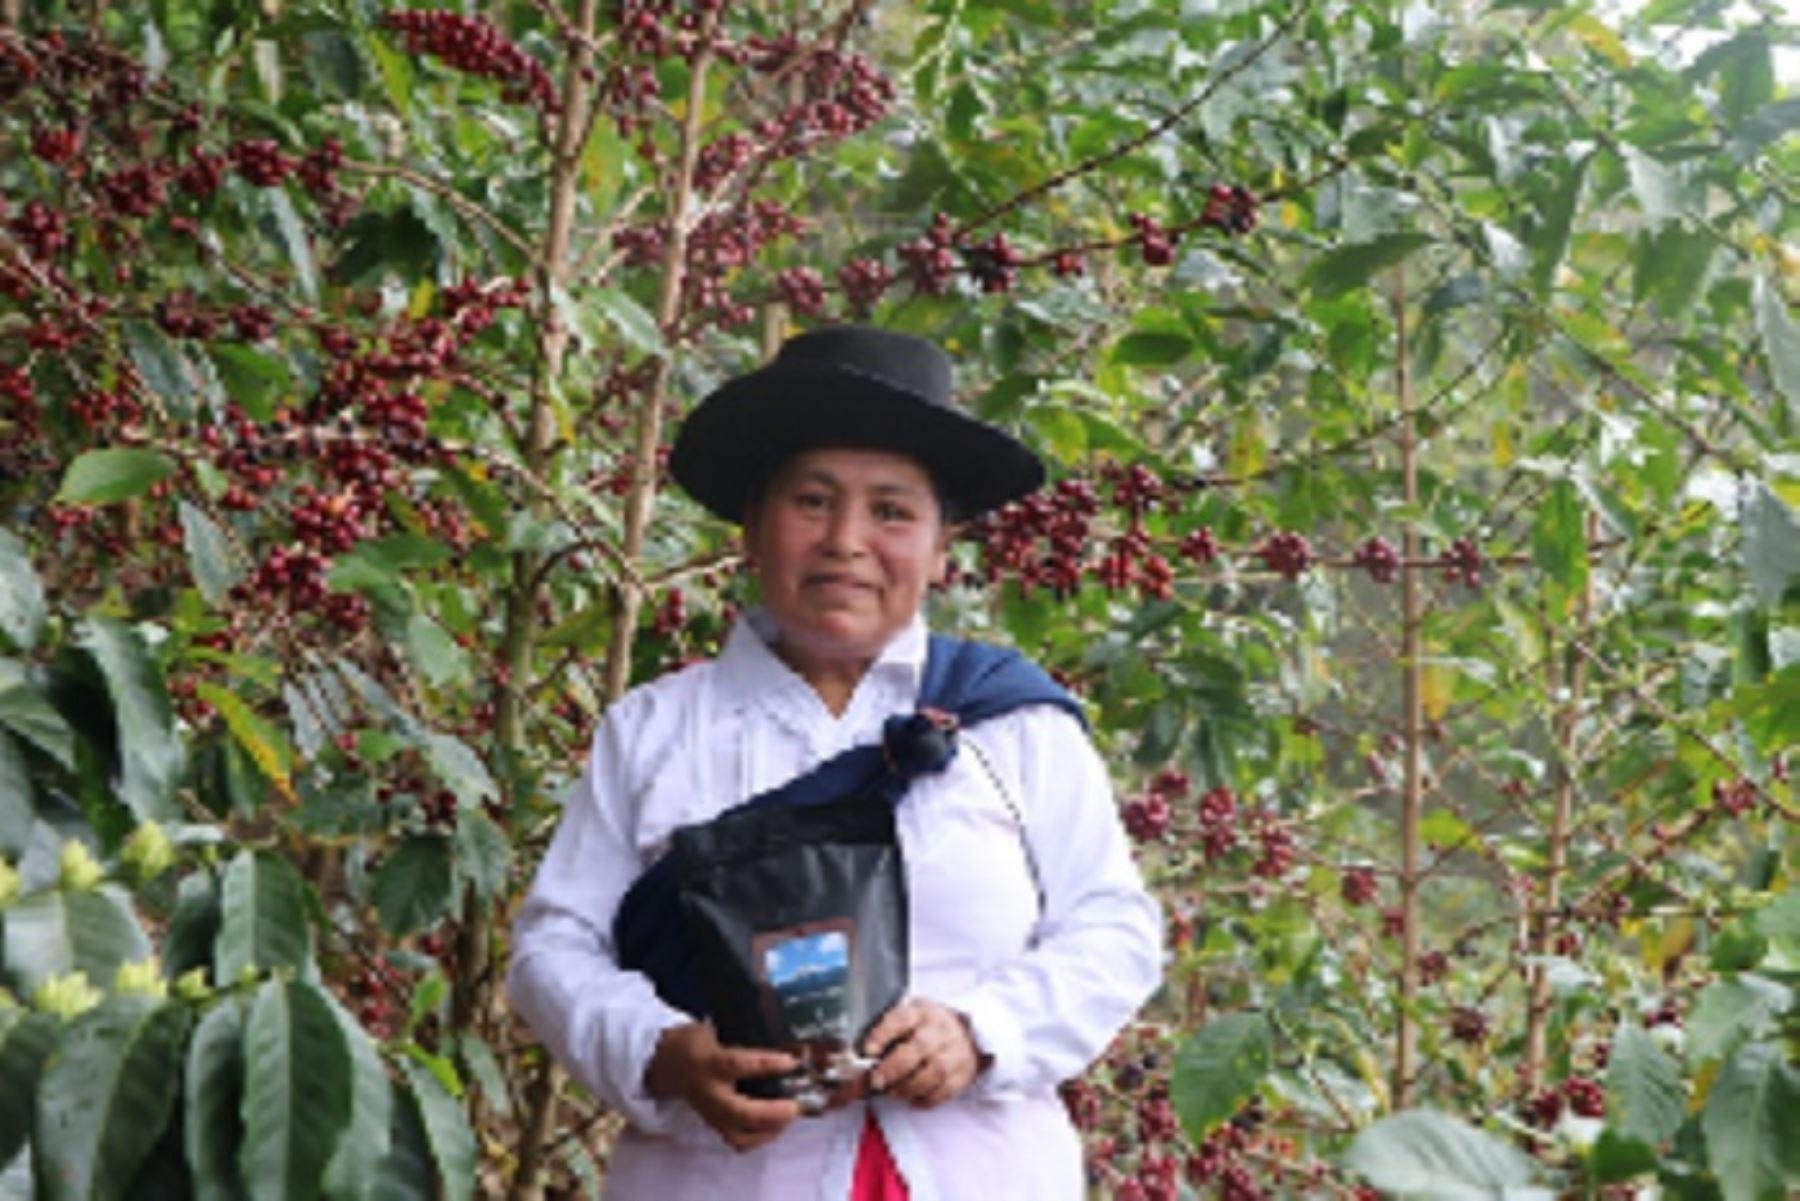 La caficultora Hilda Leguía Gonzales (40) se impuso a participantes de 10 regiones que presentaron 184 muestras.